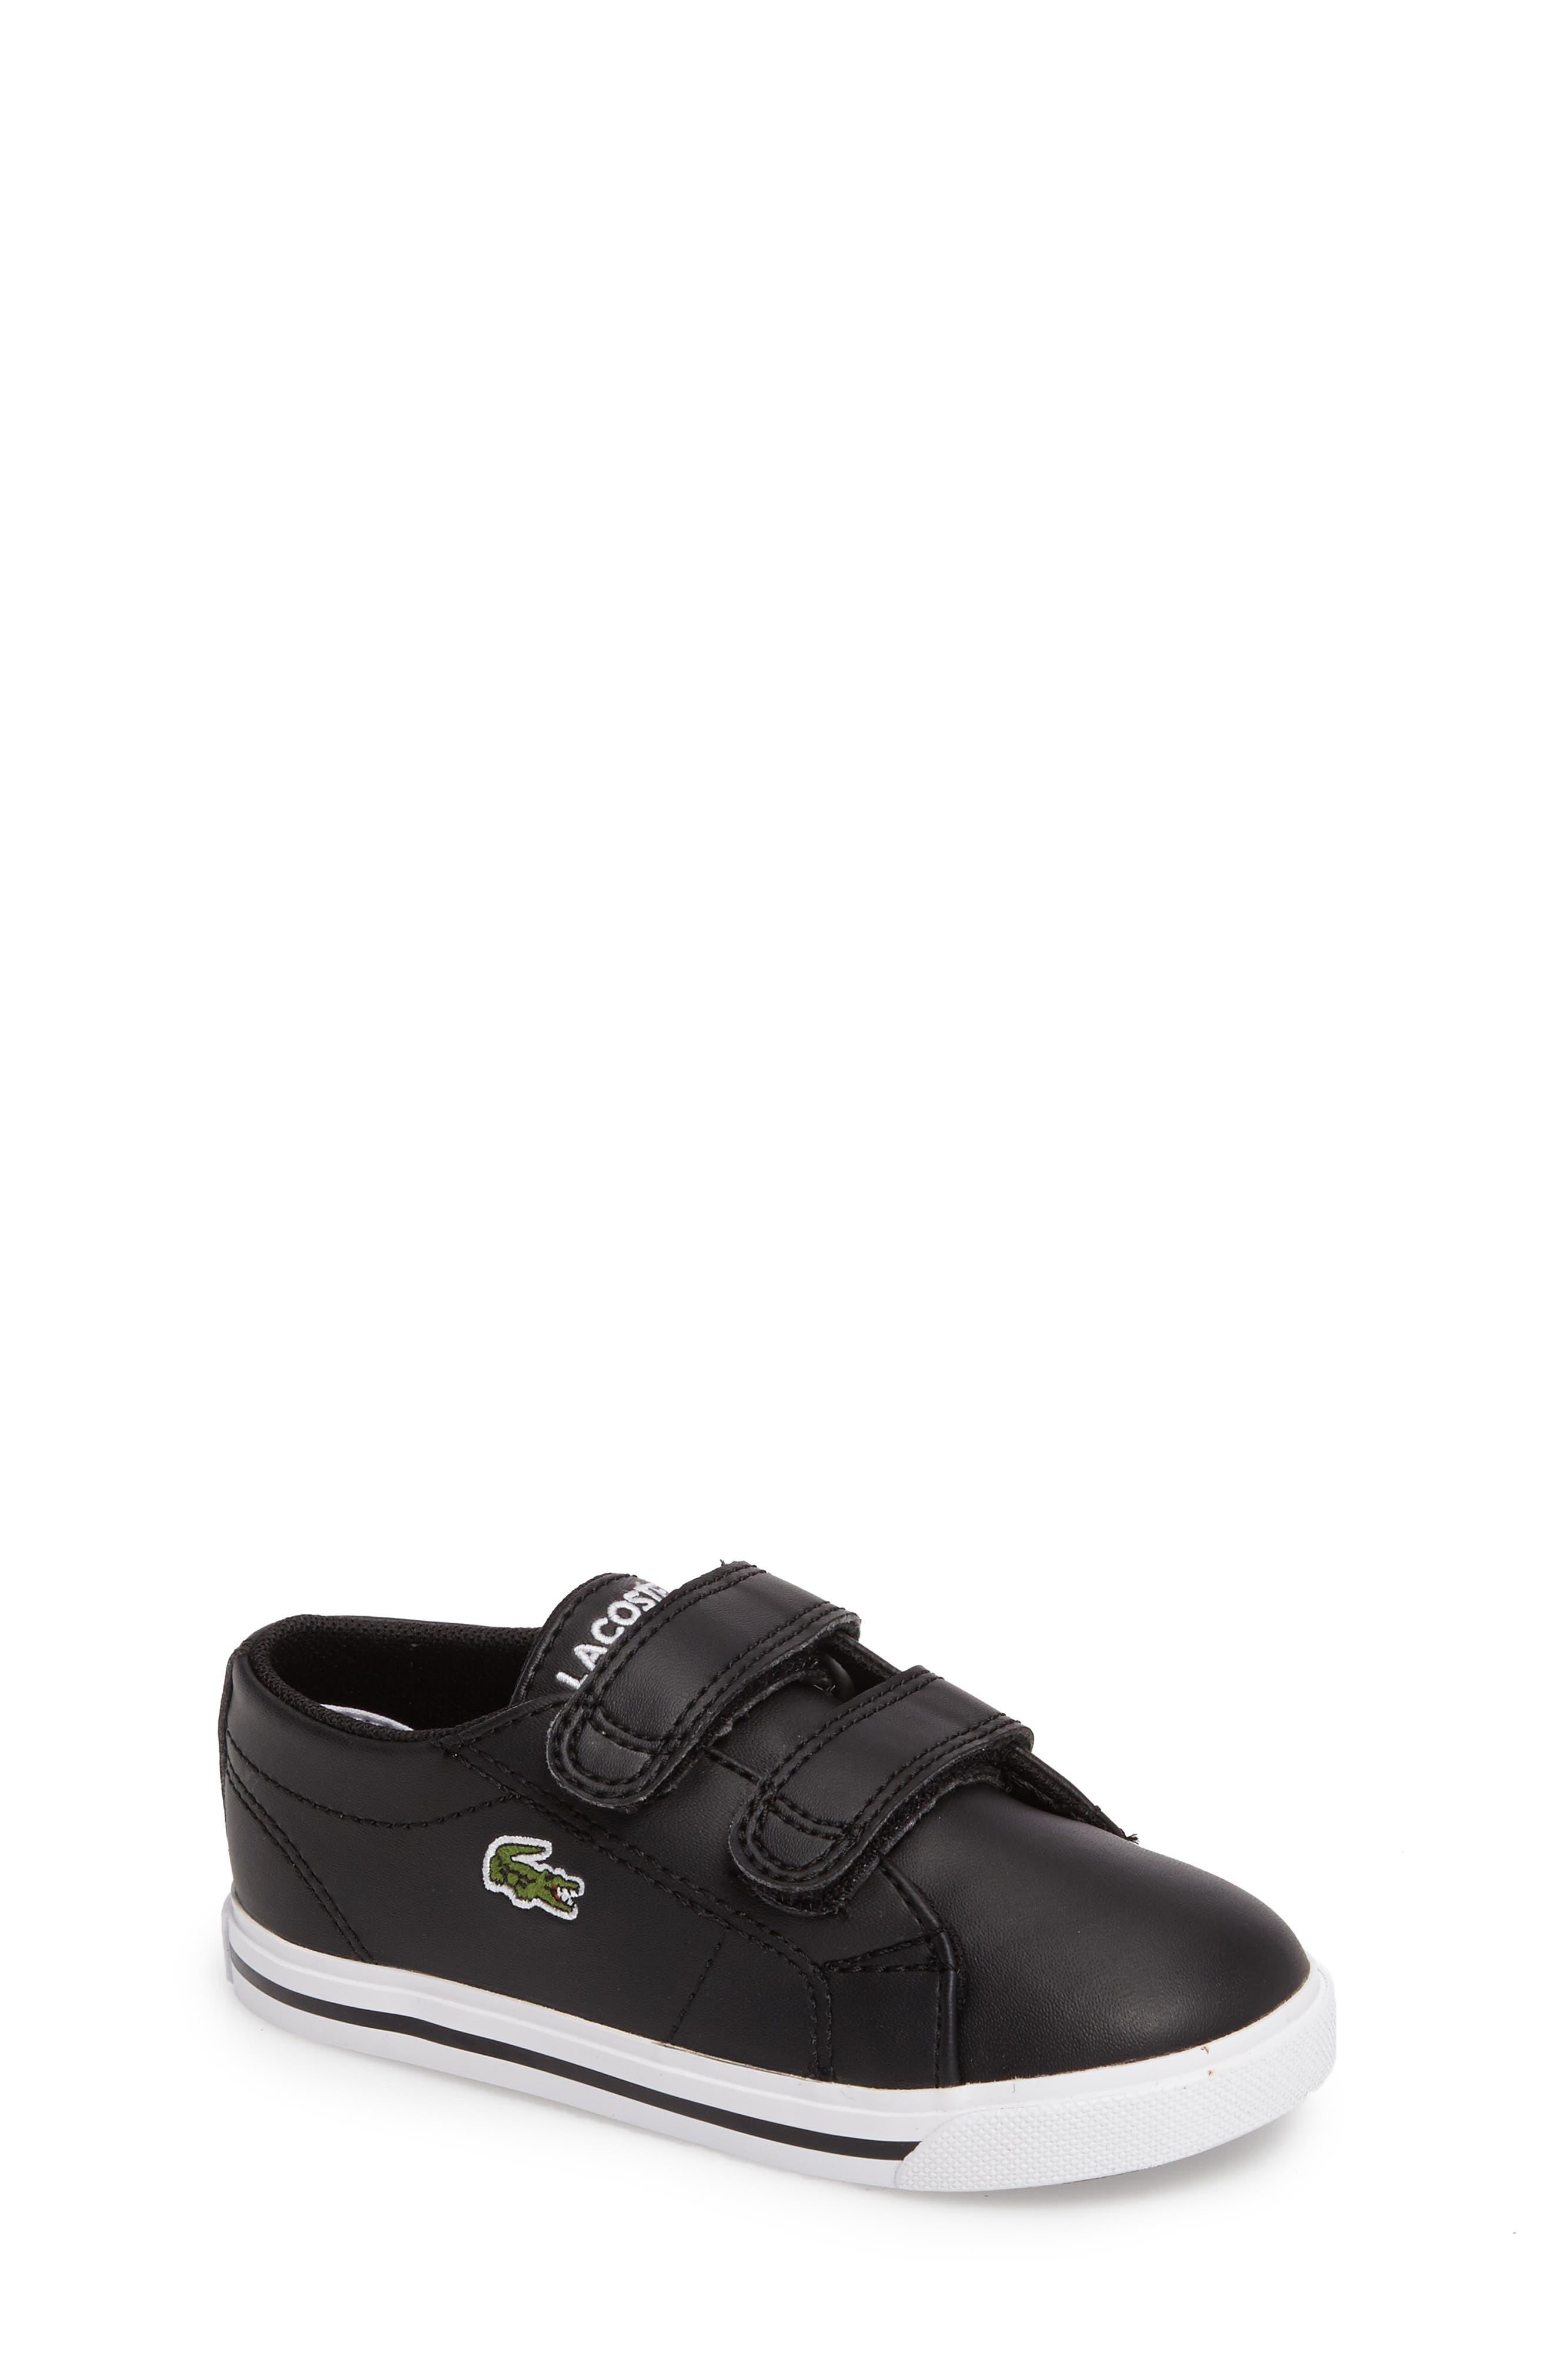 Lacoste Marcel Sneaker (Baby, Walker, Toddler, Little Kid & Big Kid)